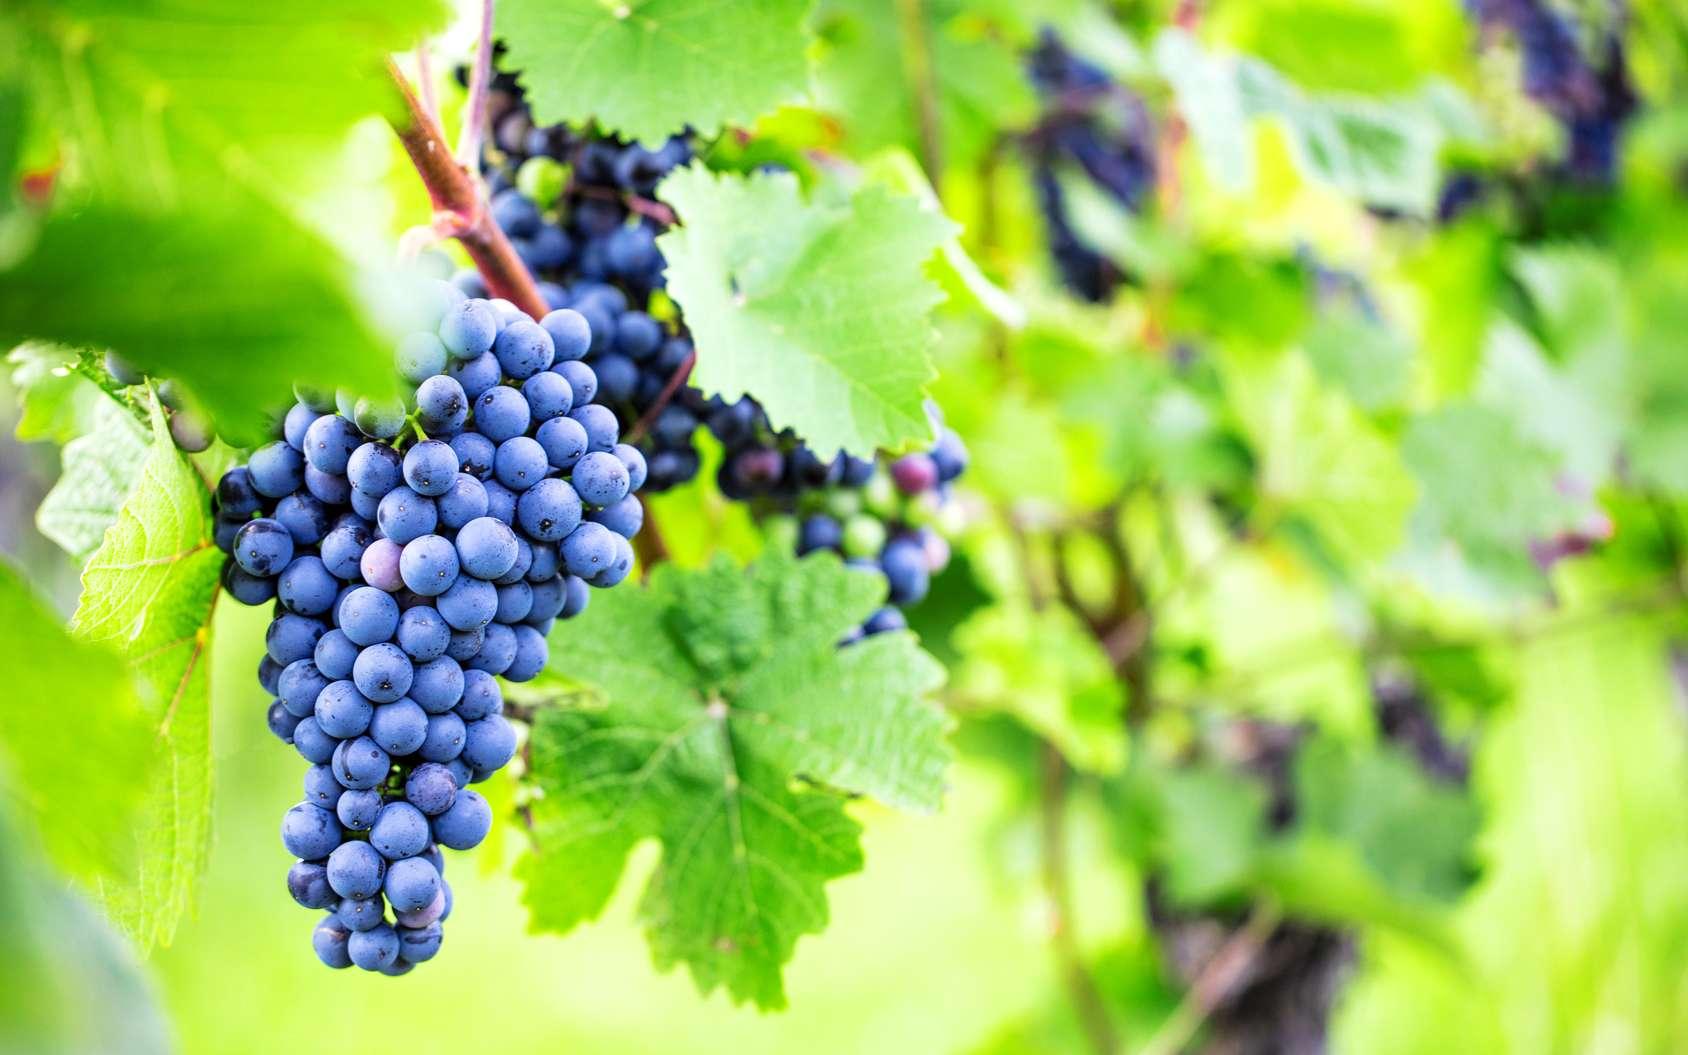 Pour mériter le label bio, défini à l'échelle européenne, le vin doit être produit avec des raisins provenant de l'agriculture biologique et élaboré en respectant un certain nombre de contraintes sur les traitements. © karepa, fotolia